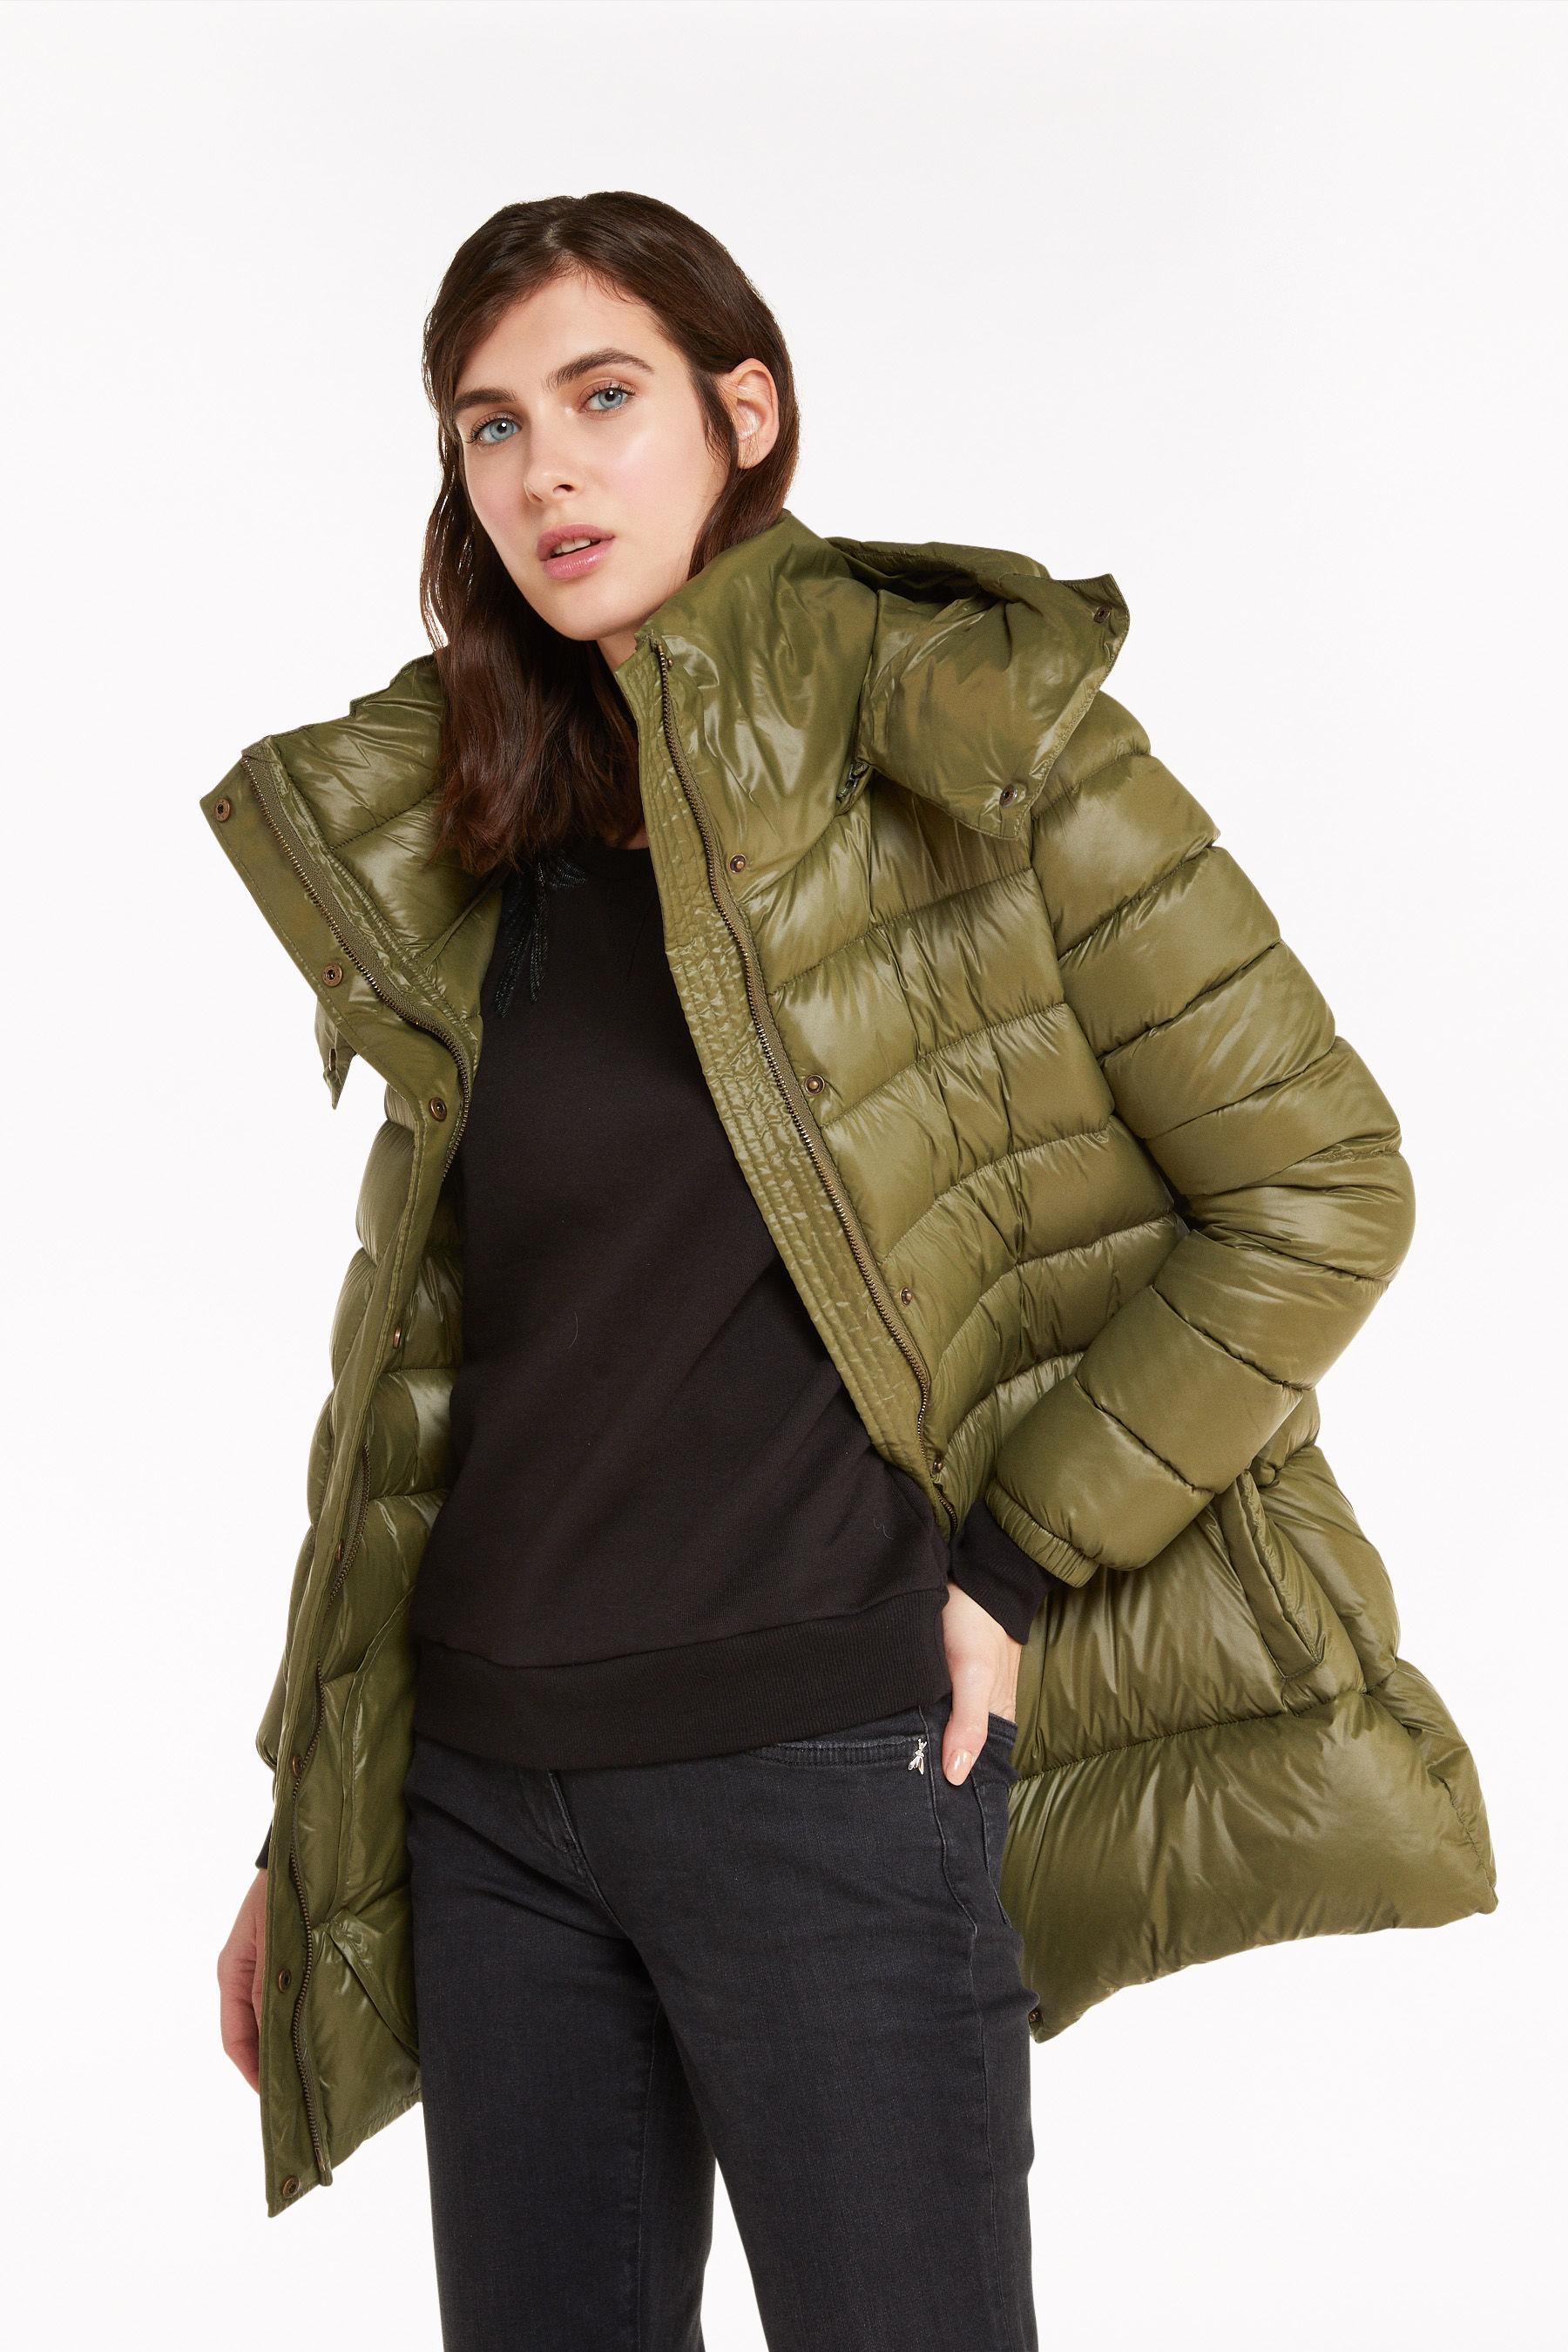 Giacche e cappotti PATRIZIA PEPE Piumino Verde in Nylon